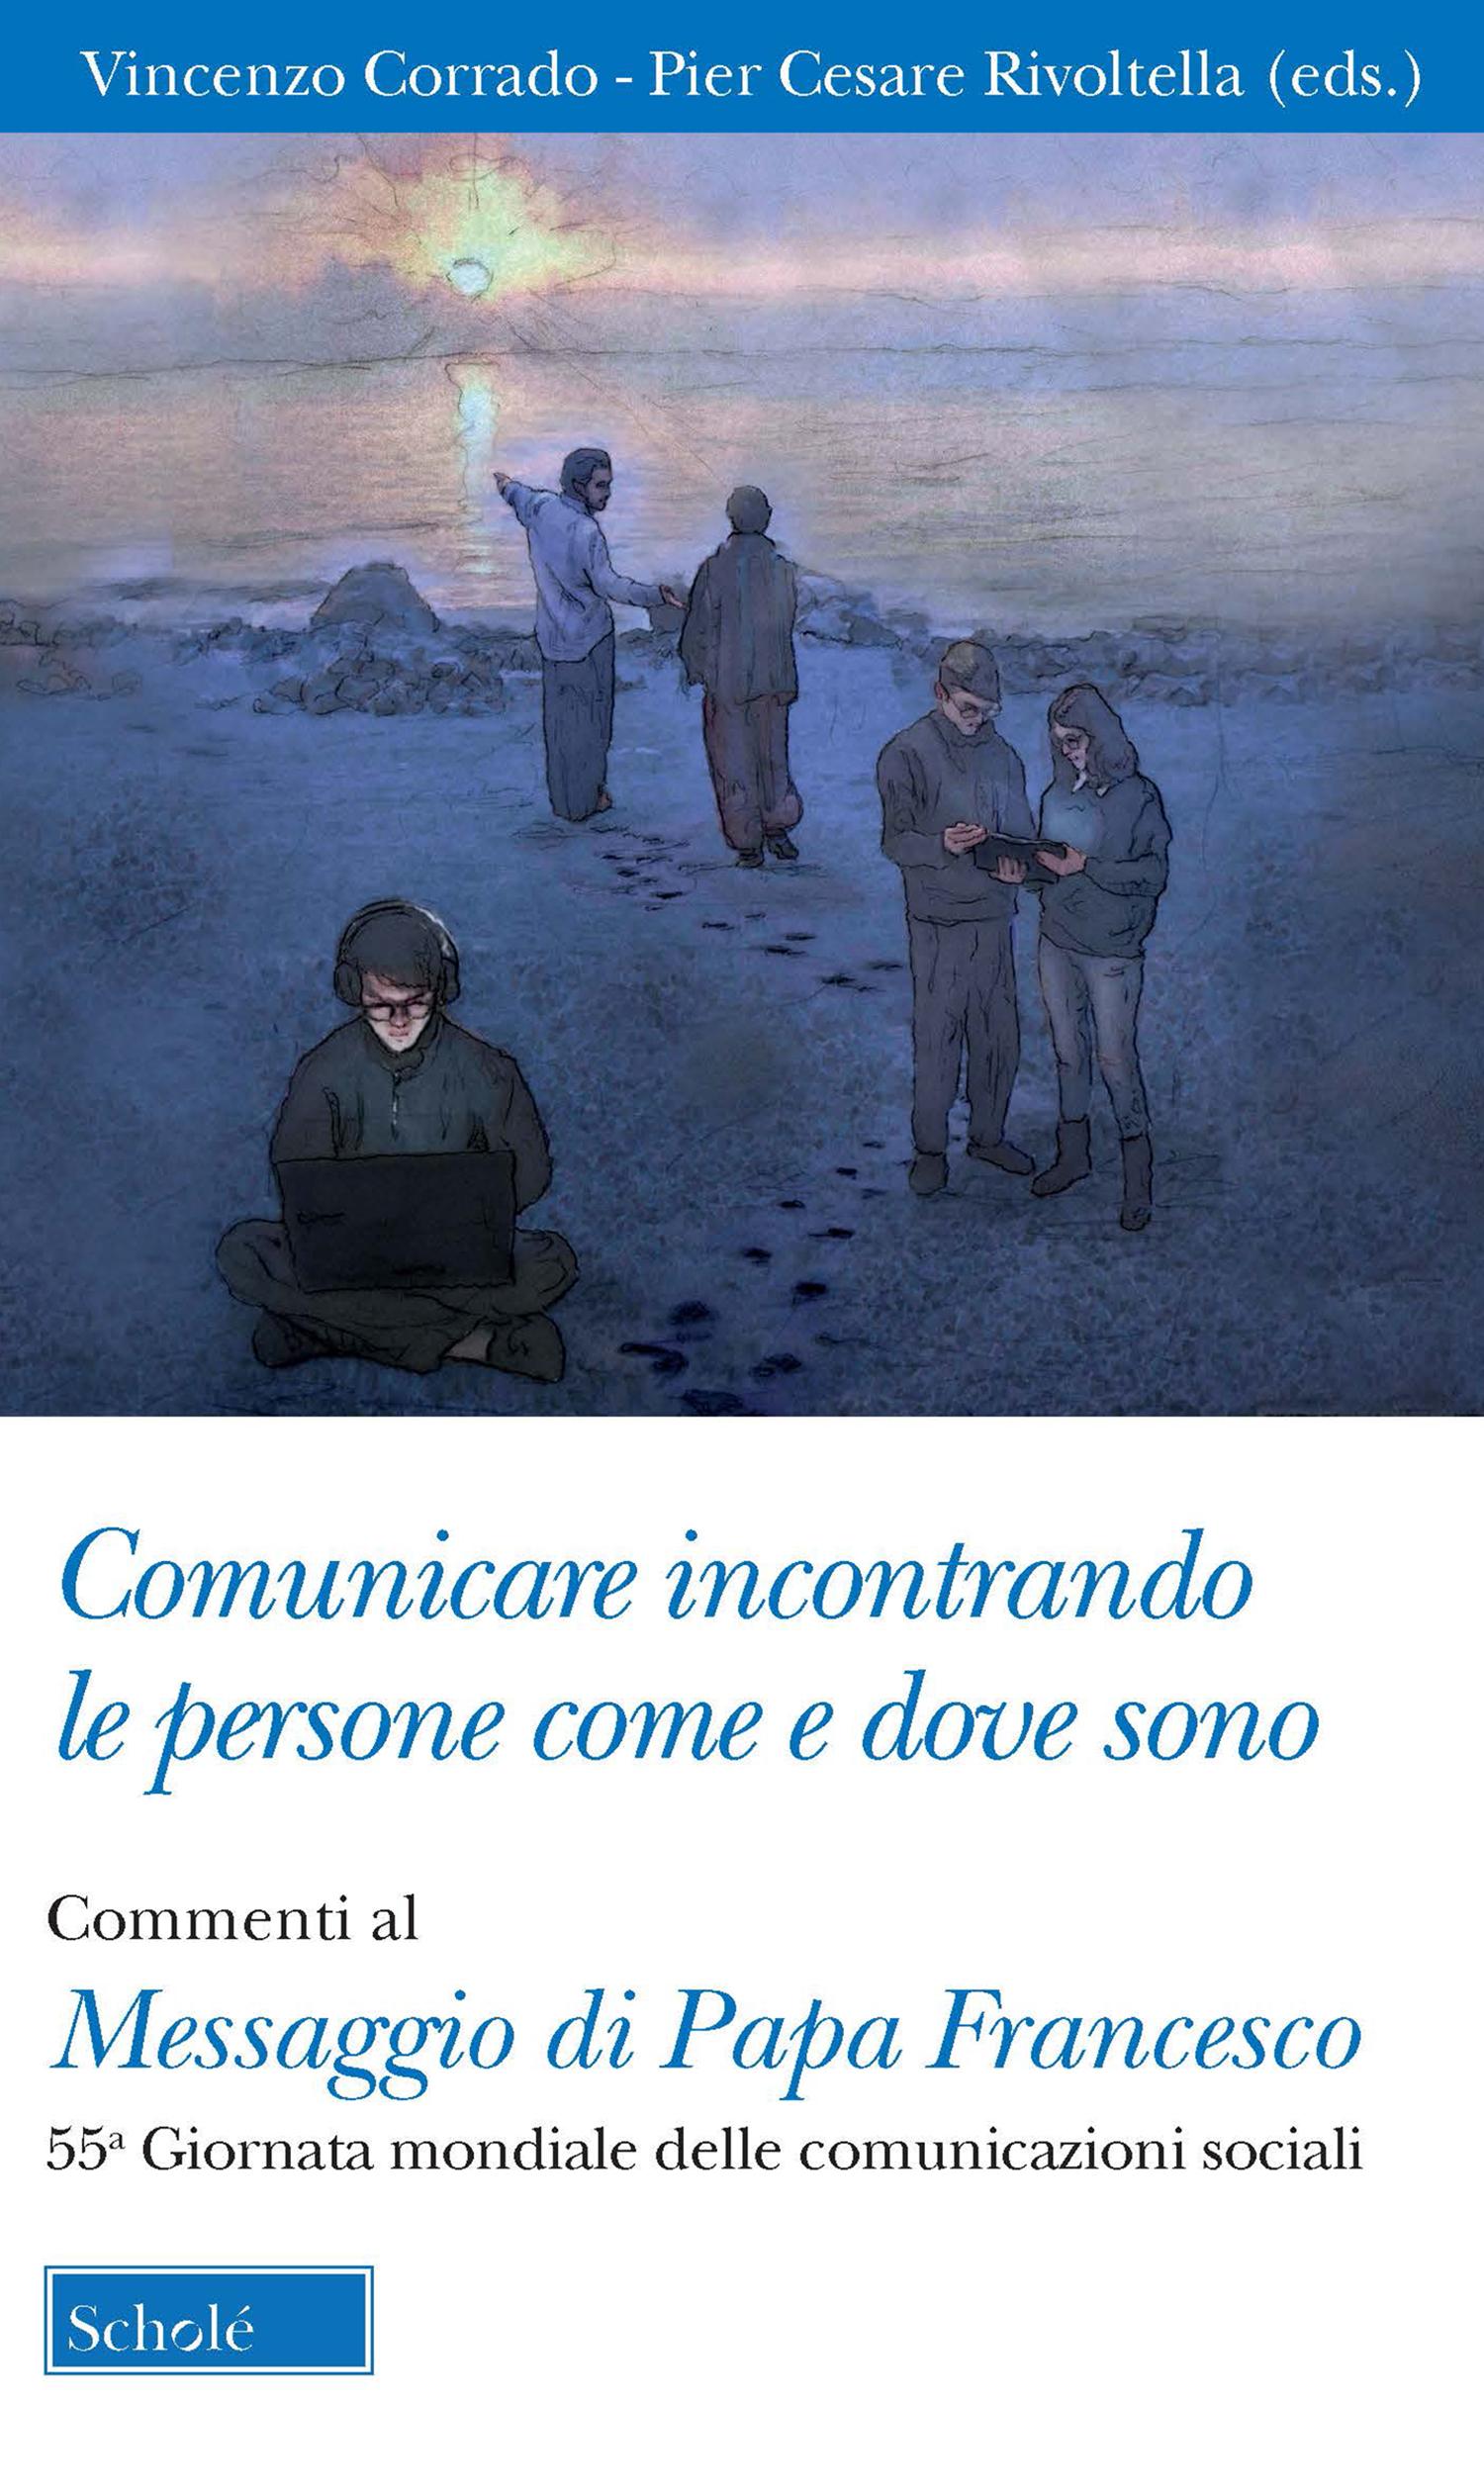 [Libro], Il commento al Messaggio del Papa per la 55° Giornata per le Comunicazioni Sociali curato da P.C. Rivoltella e V. Corrado